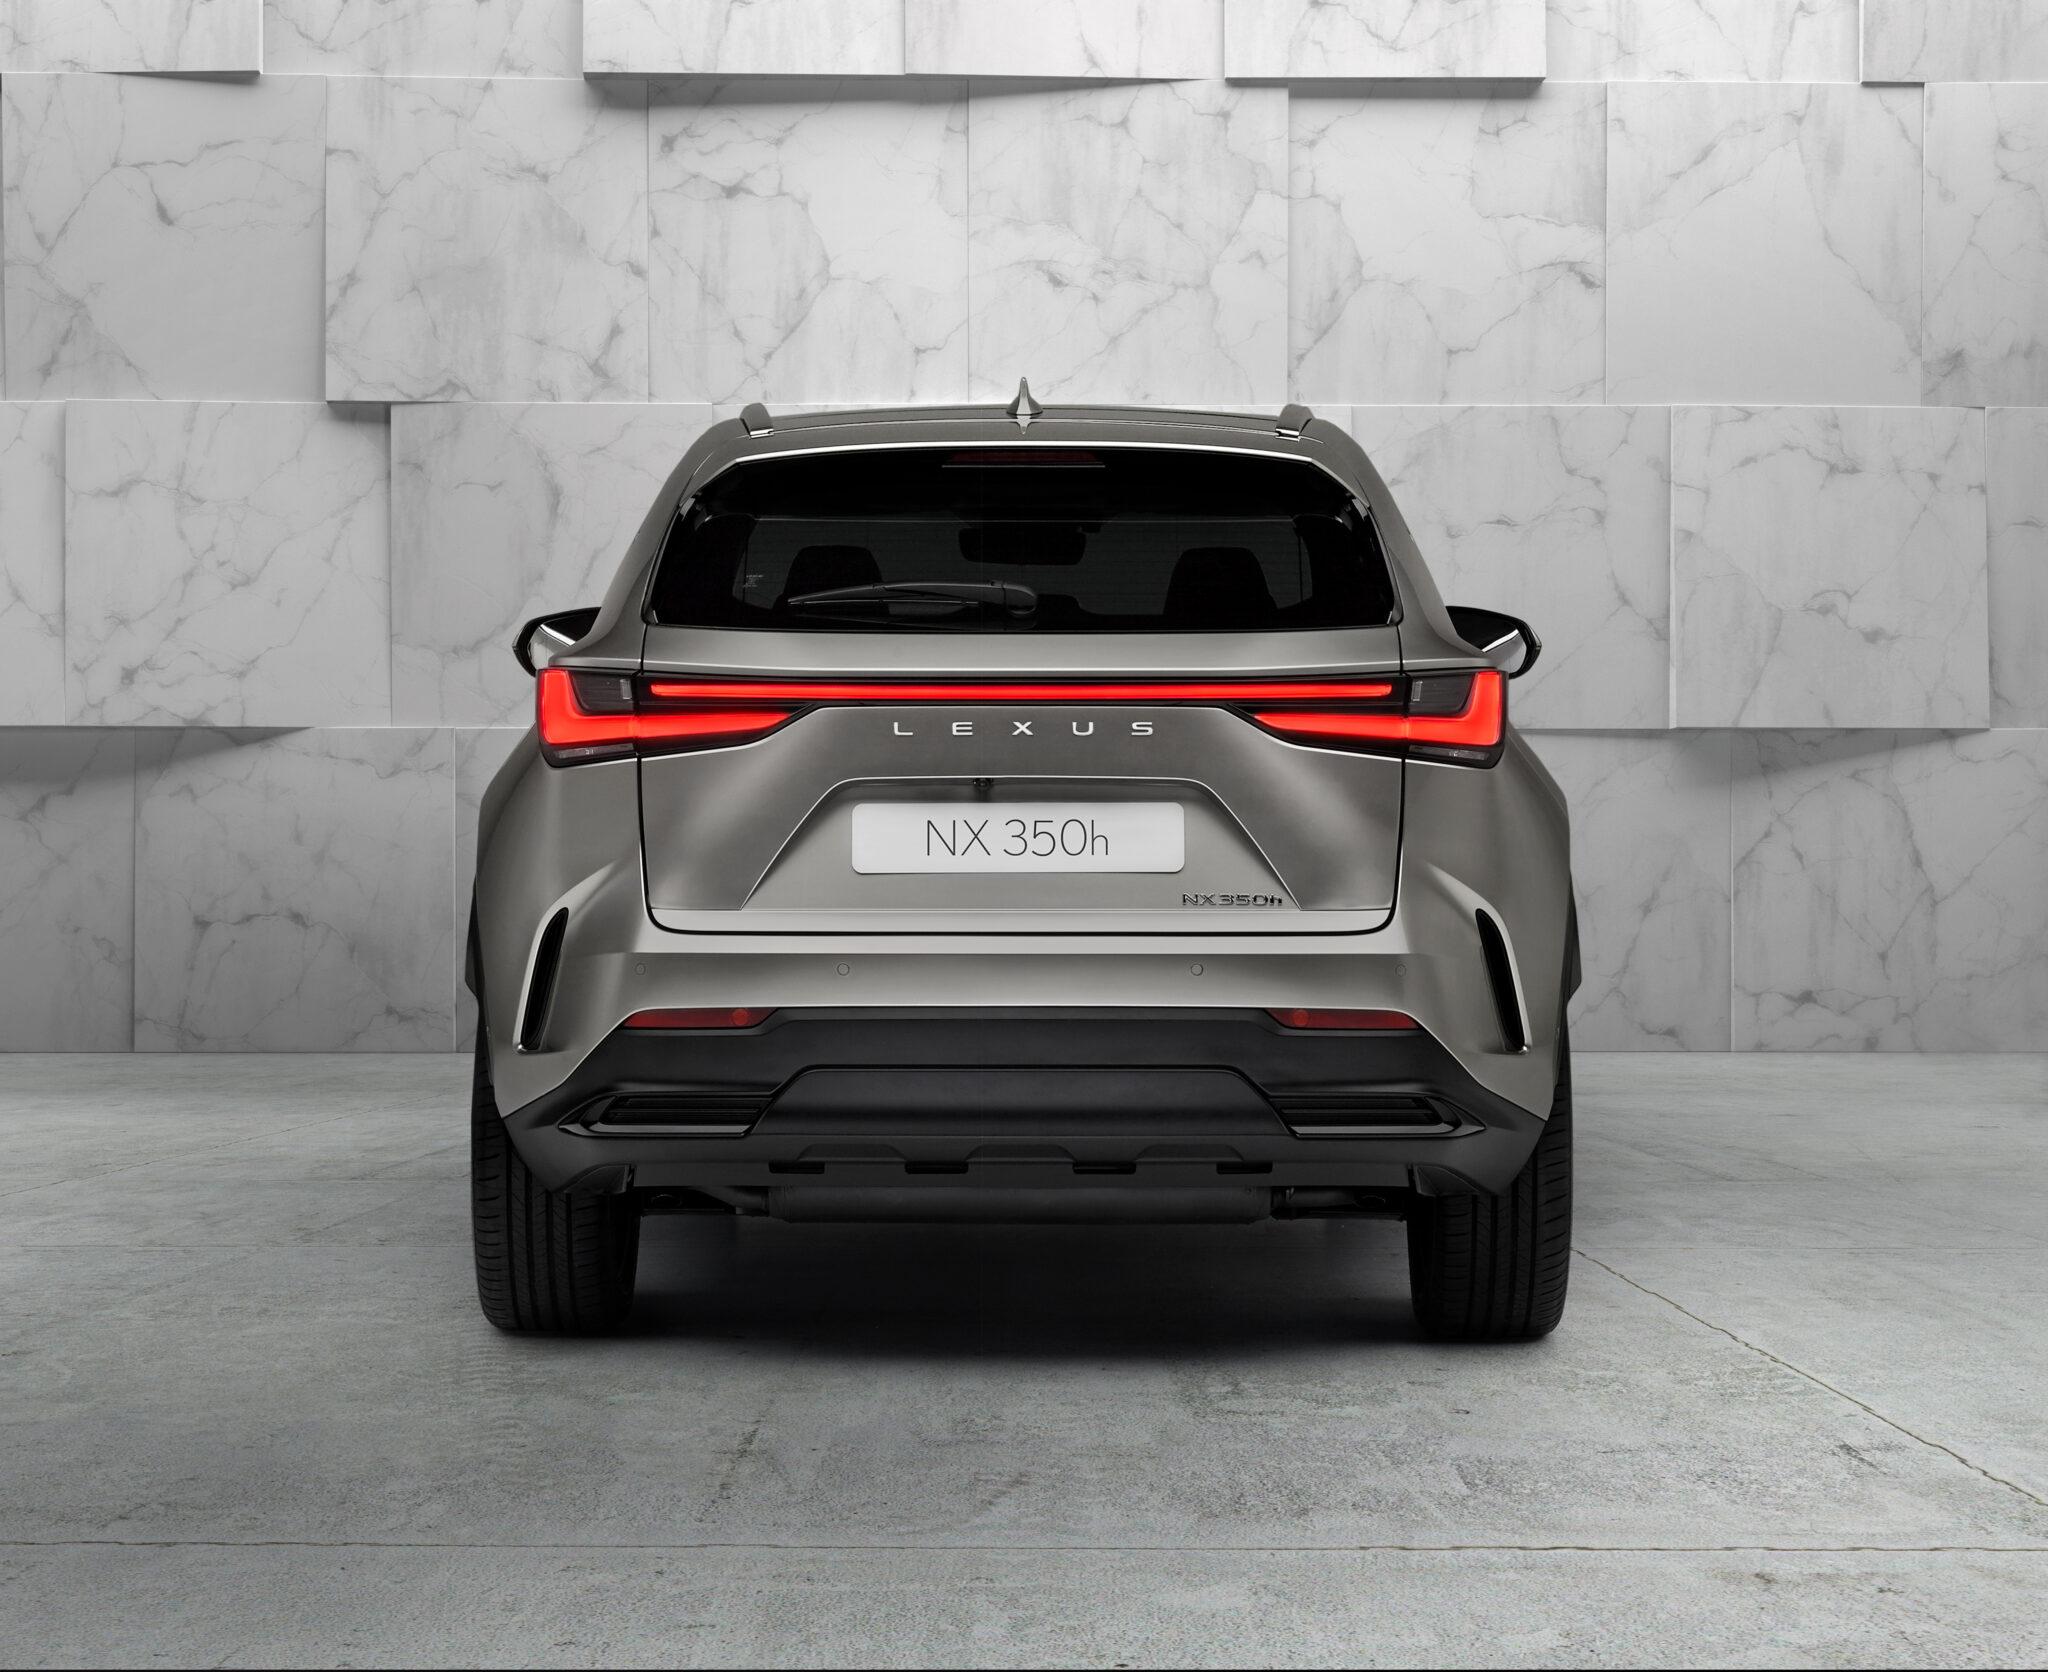 2022 Lexus NX 350h